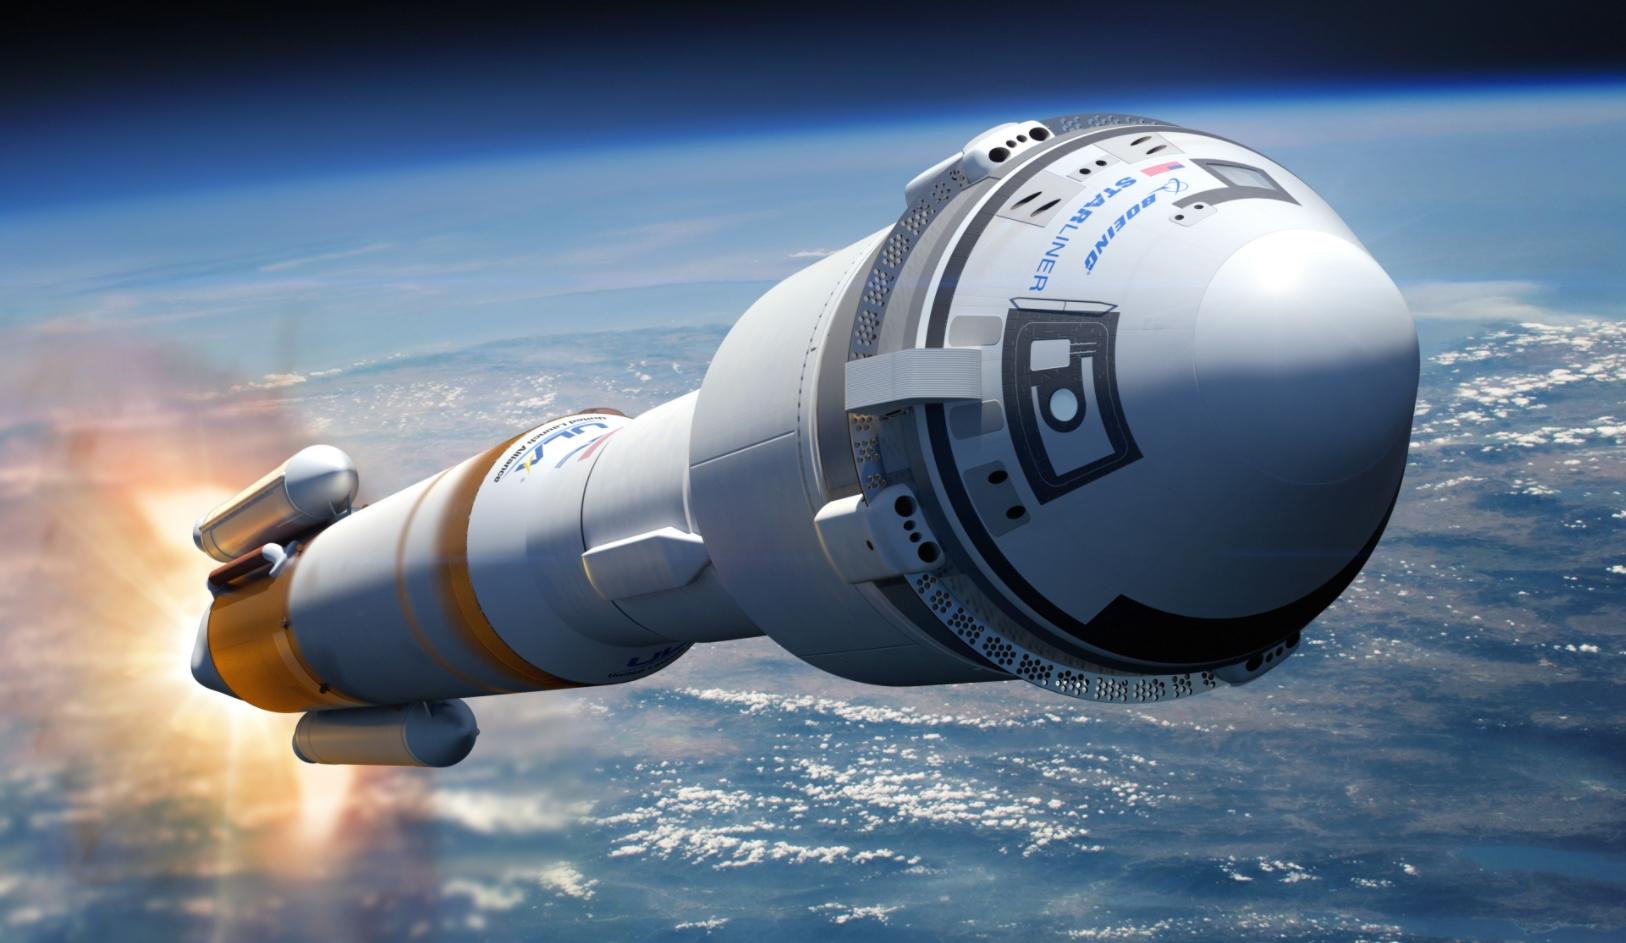 nasa future spaceship - HD1626×943